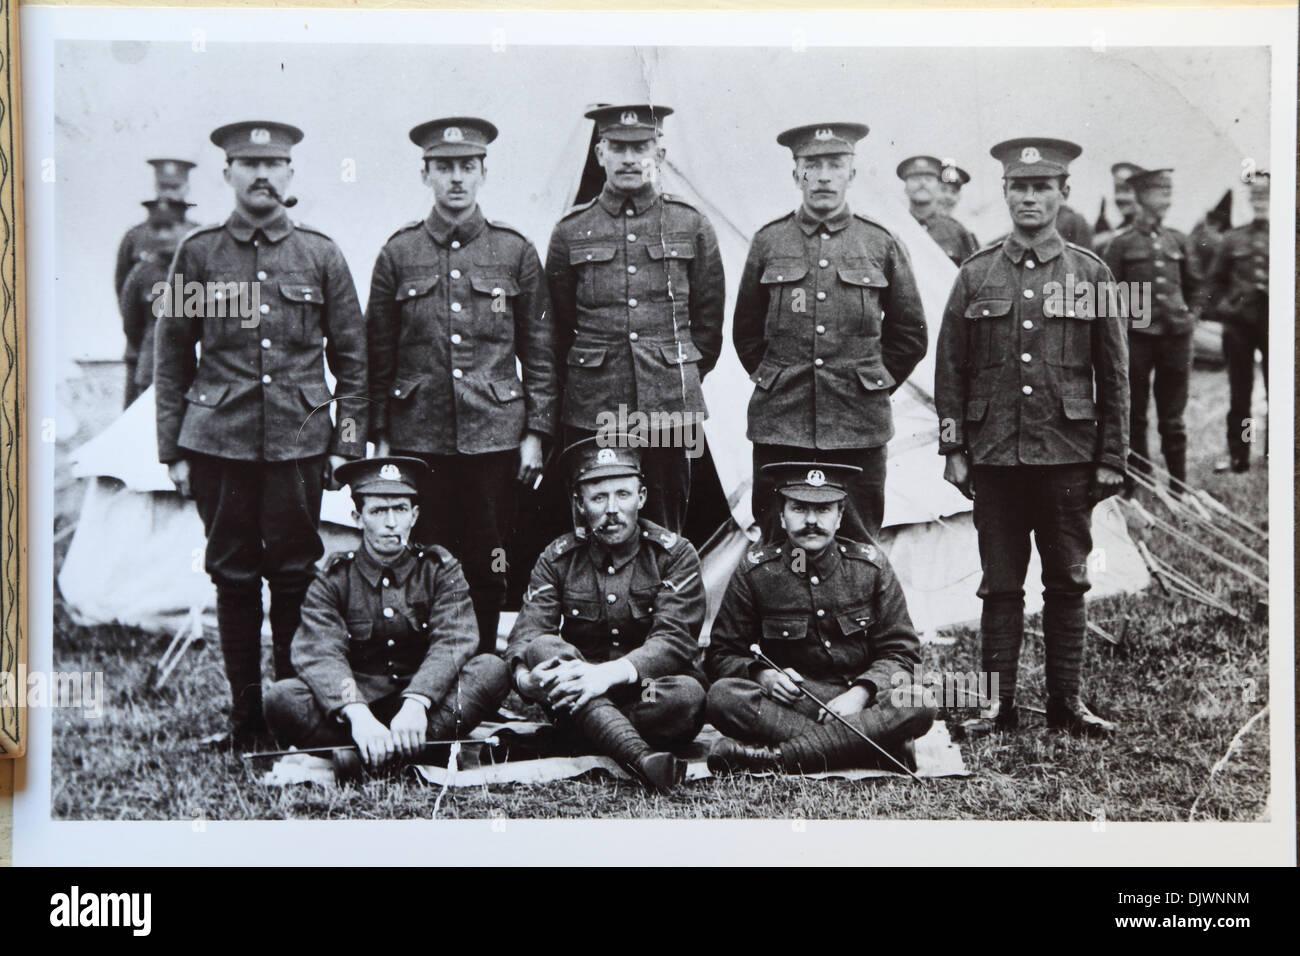 La Première Guerre mondiale soldats en cantonnement, 1ère guerre mondiale, 1WW, Grande Guerre 1914-1918, histoire, archives archives images historiques, WW1, Angleterre Royaume-Uni British Army Camp soldat Guerre mondiale 1 Photo Stock